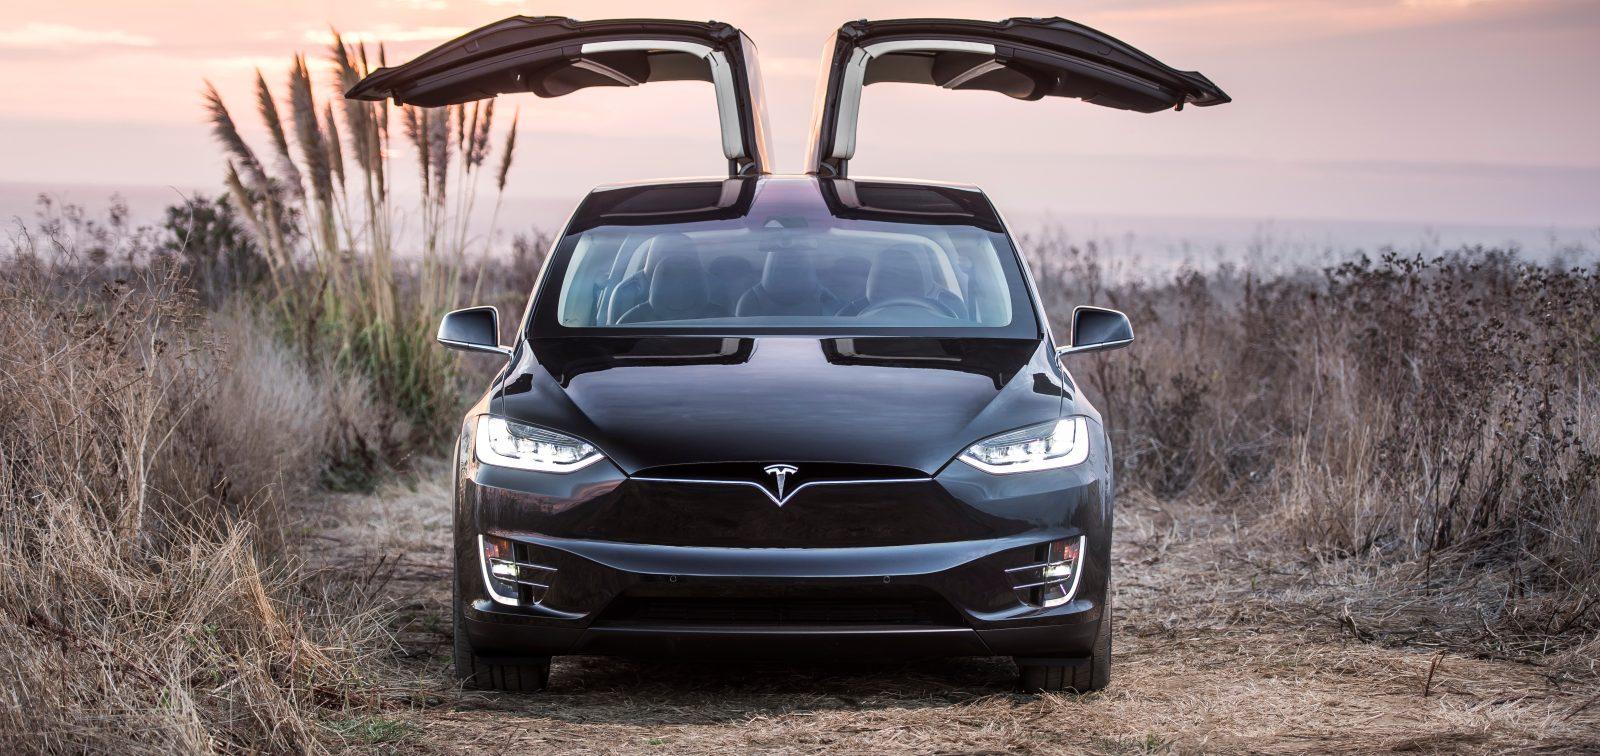 У Tesla Model X самостоятельно открываются двери 1